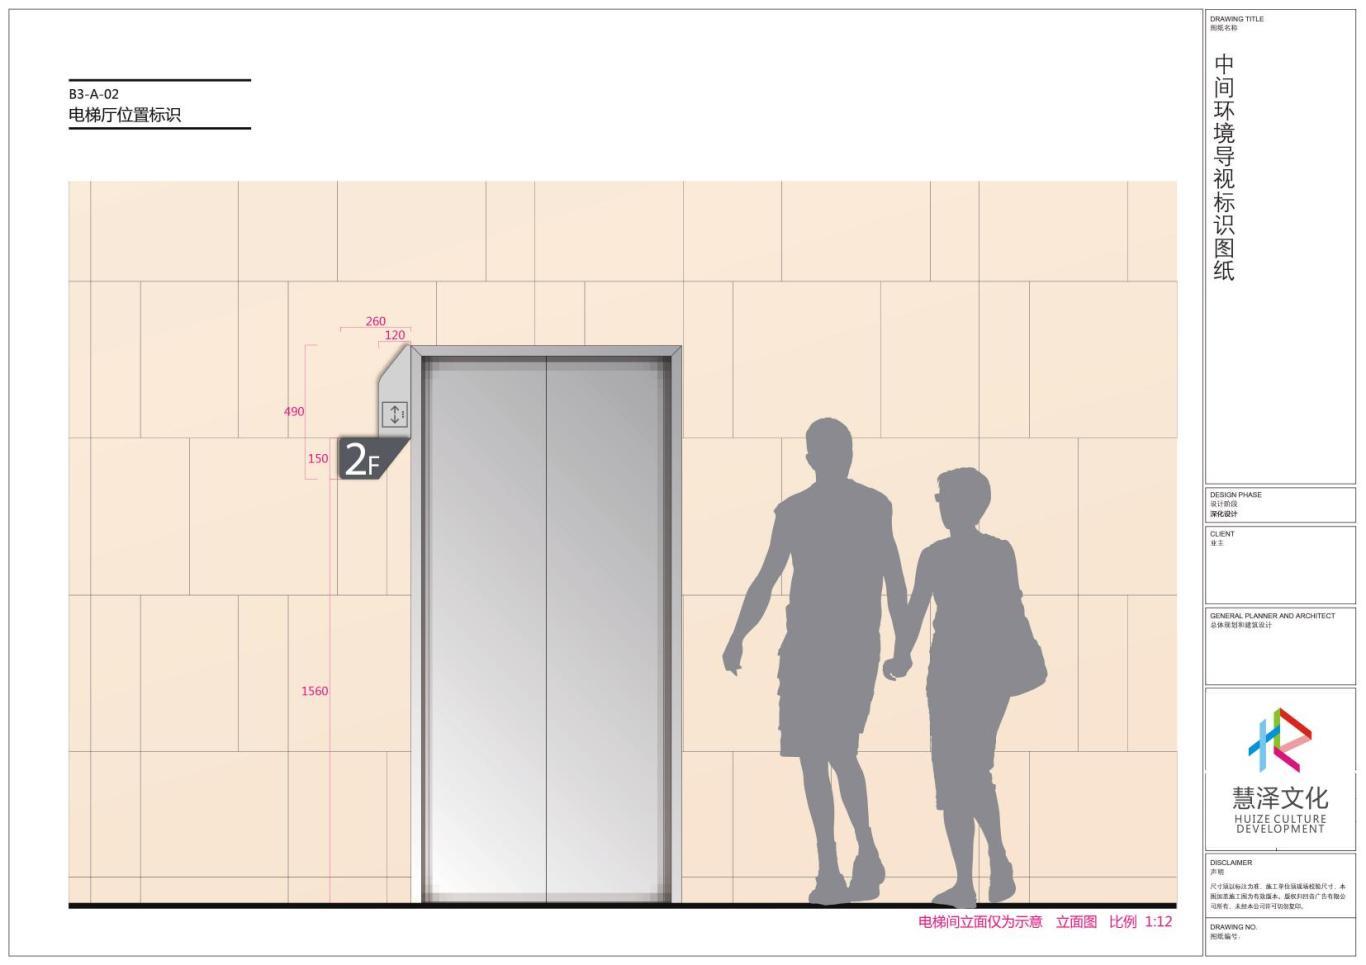 中间坊-商业导视系统深化设计图11